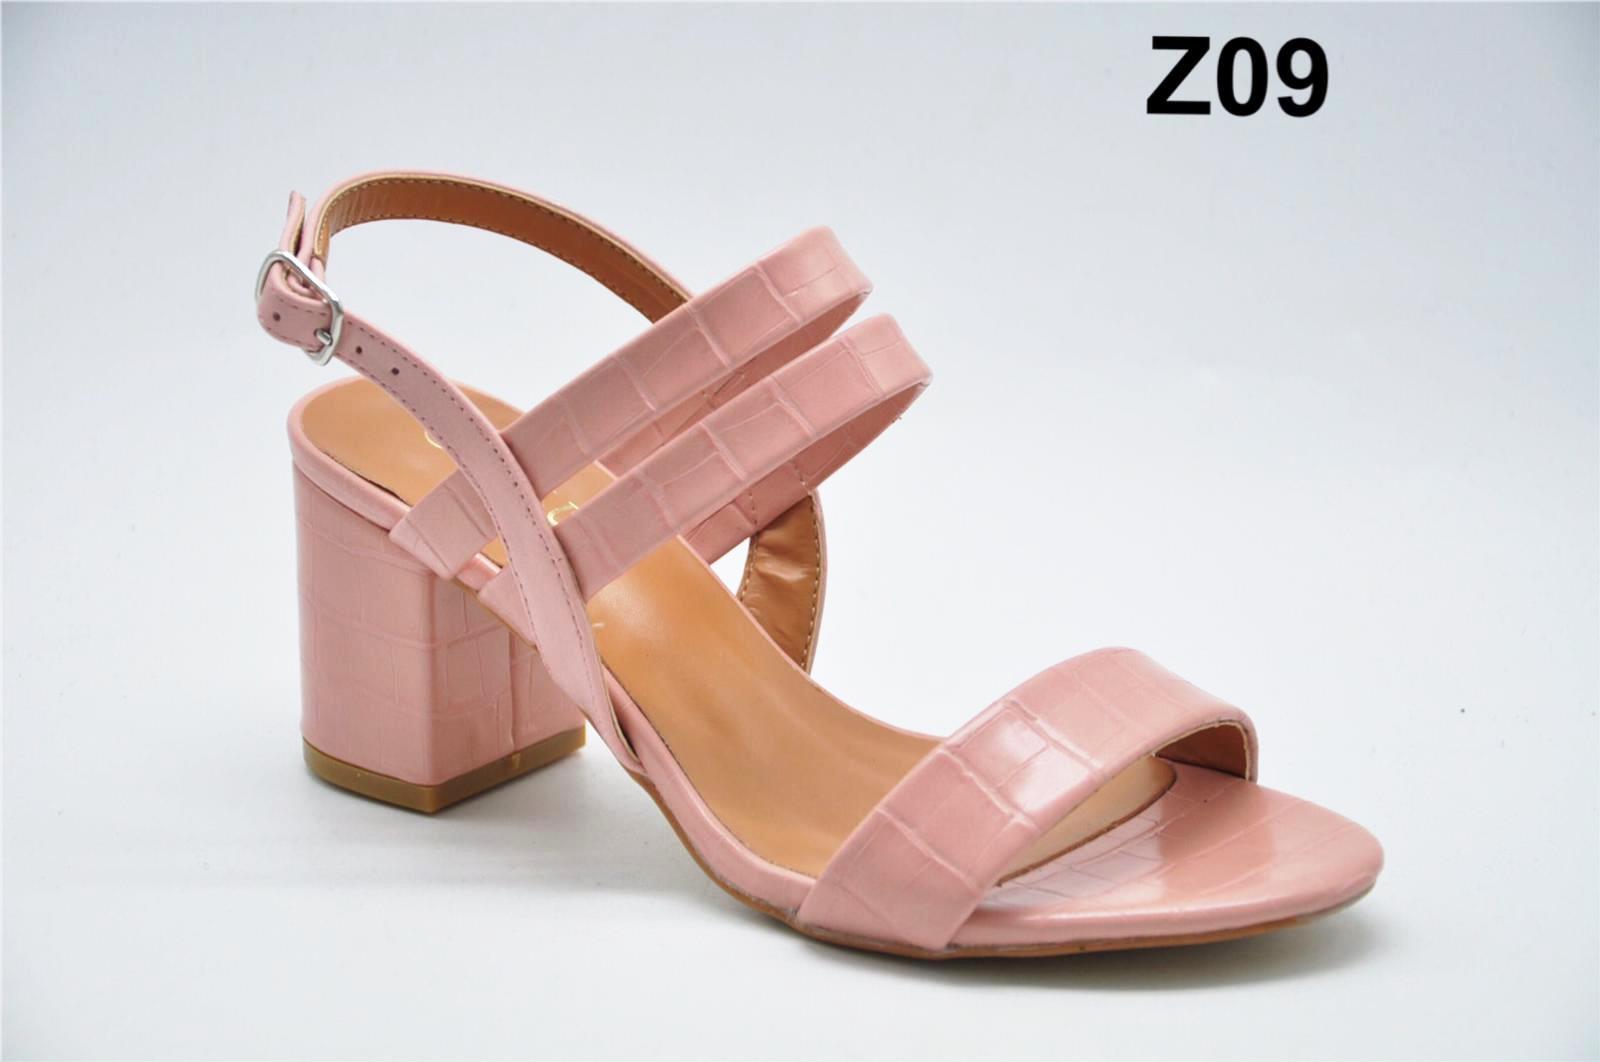 Sandale dama roz Gabriela